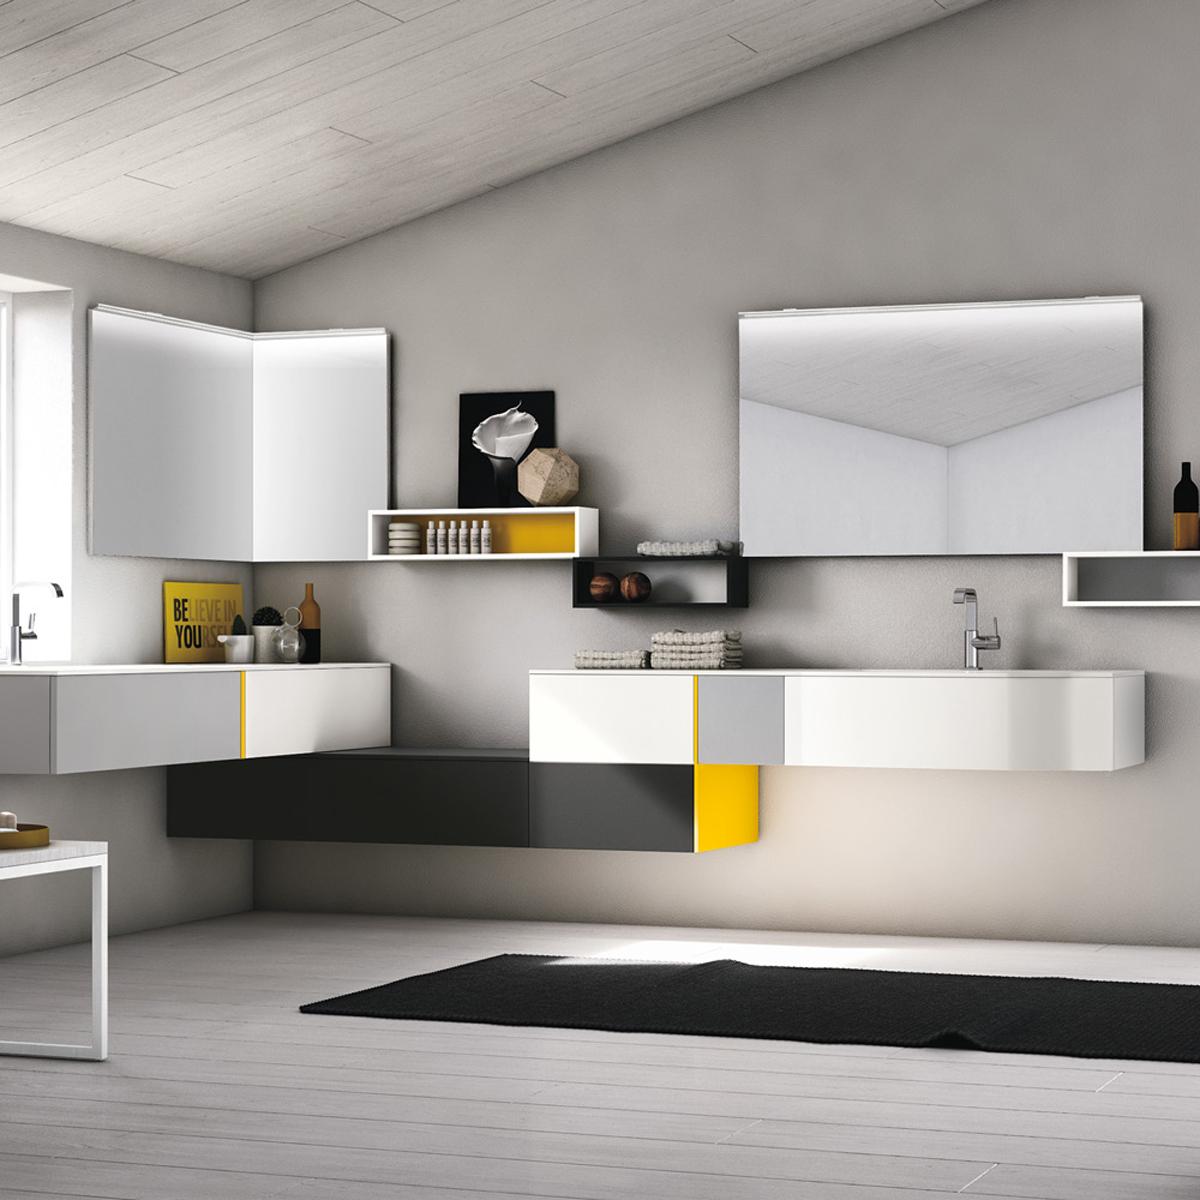 Arredo bagno sabia design center for Arredo bagno produzione